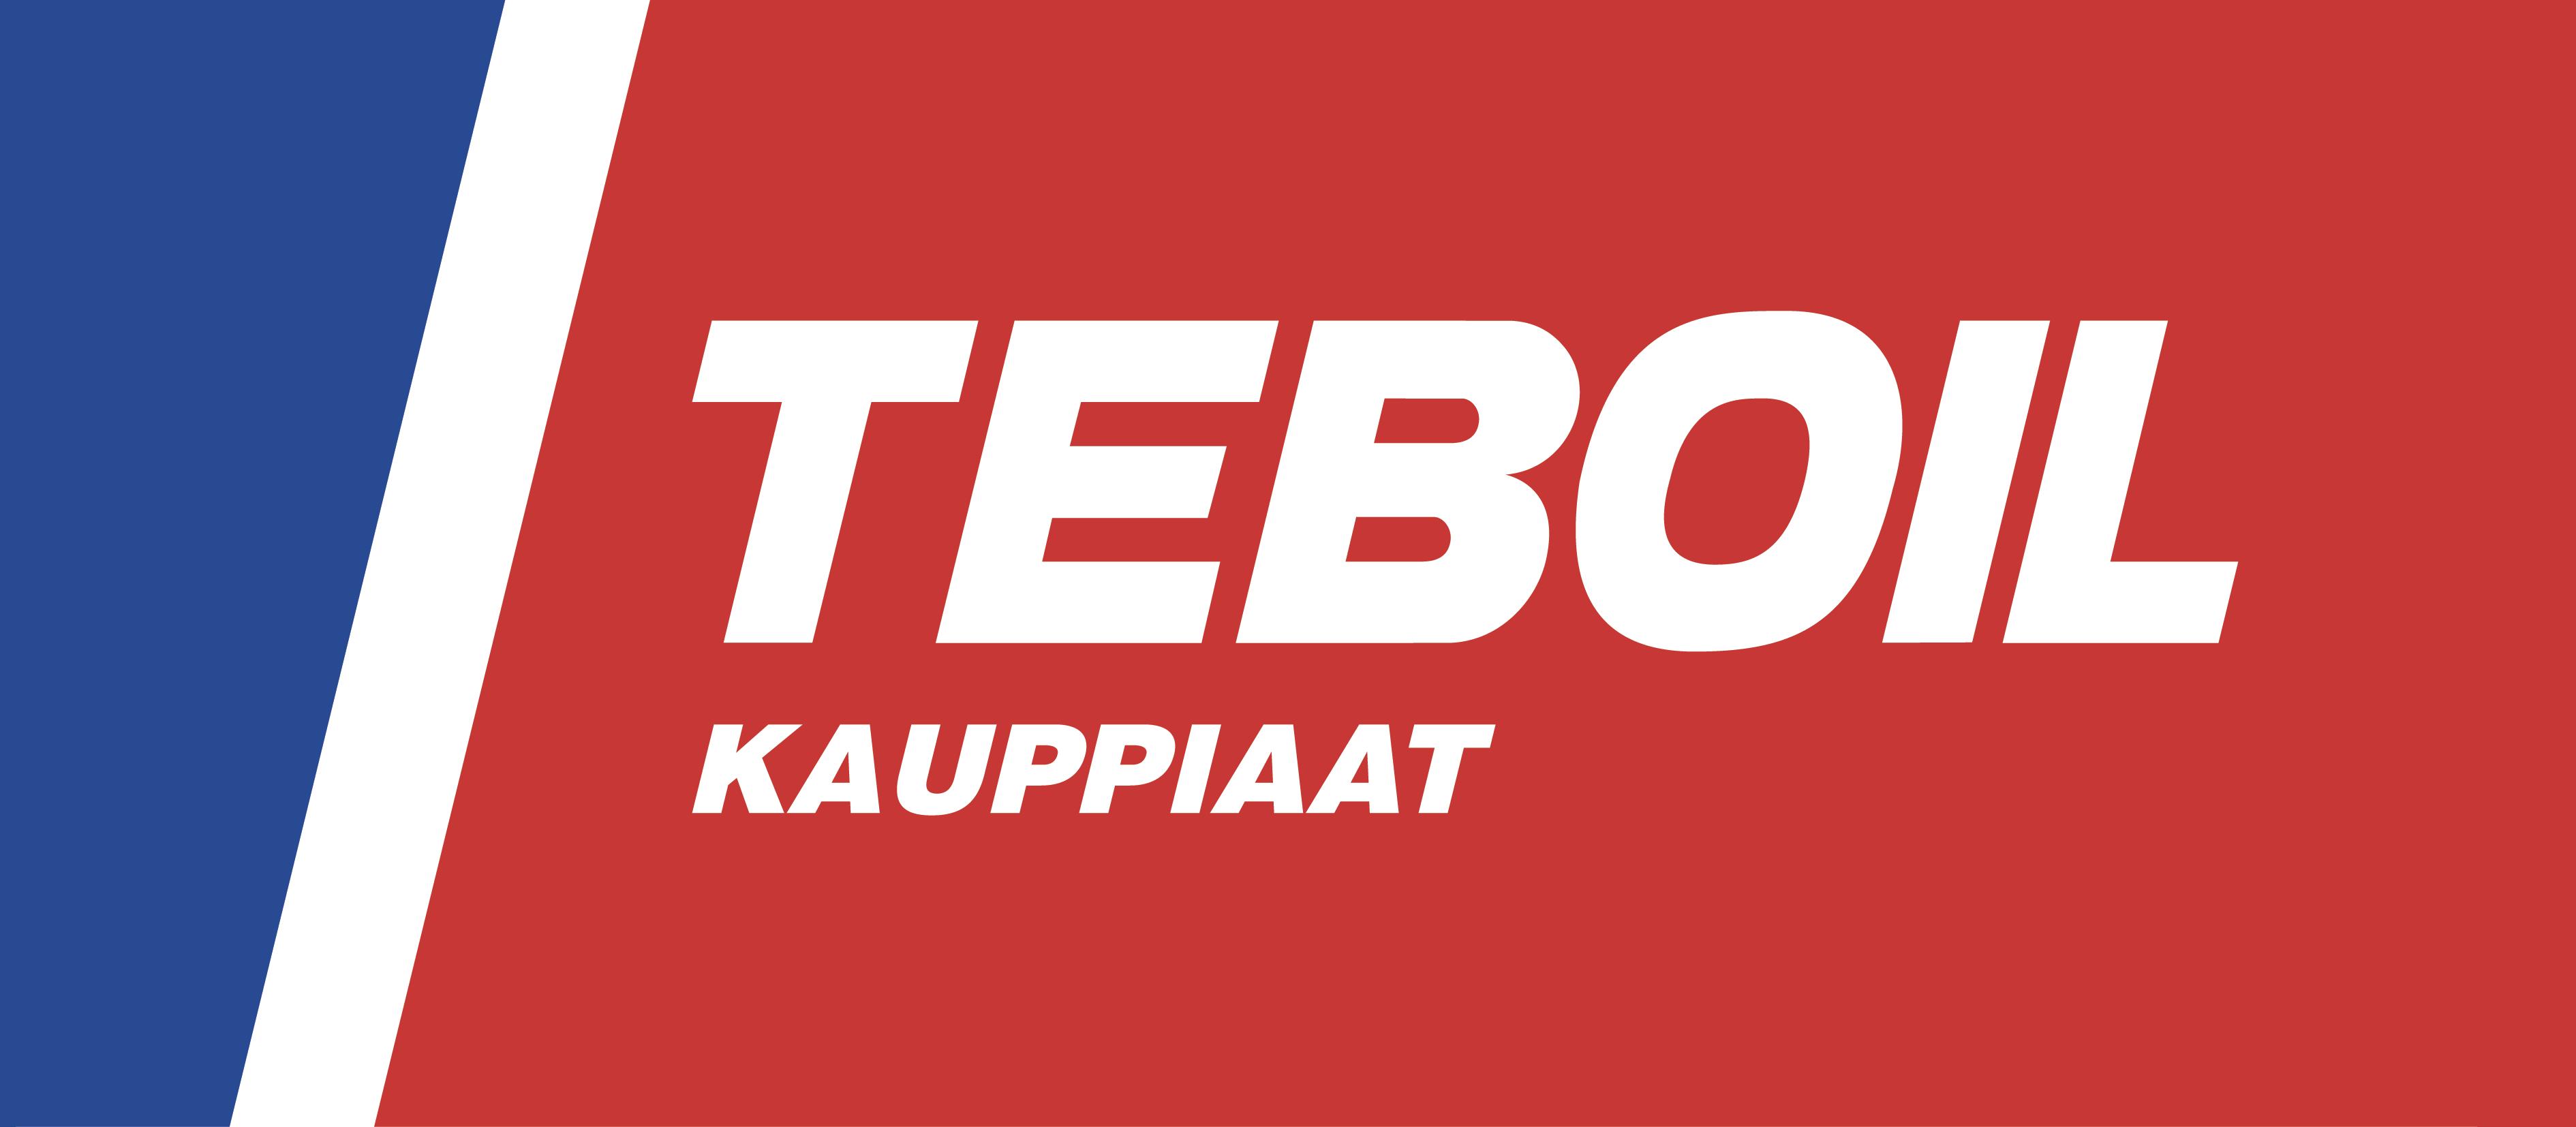 Teboil-Kauppiaat-logo